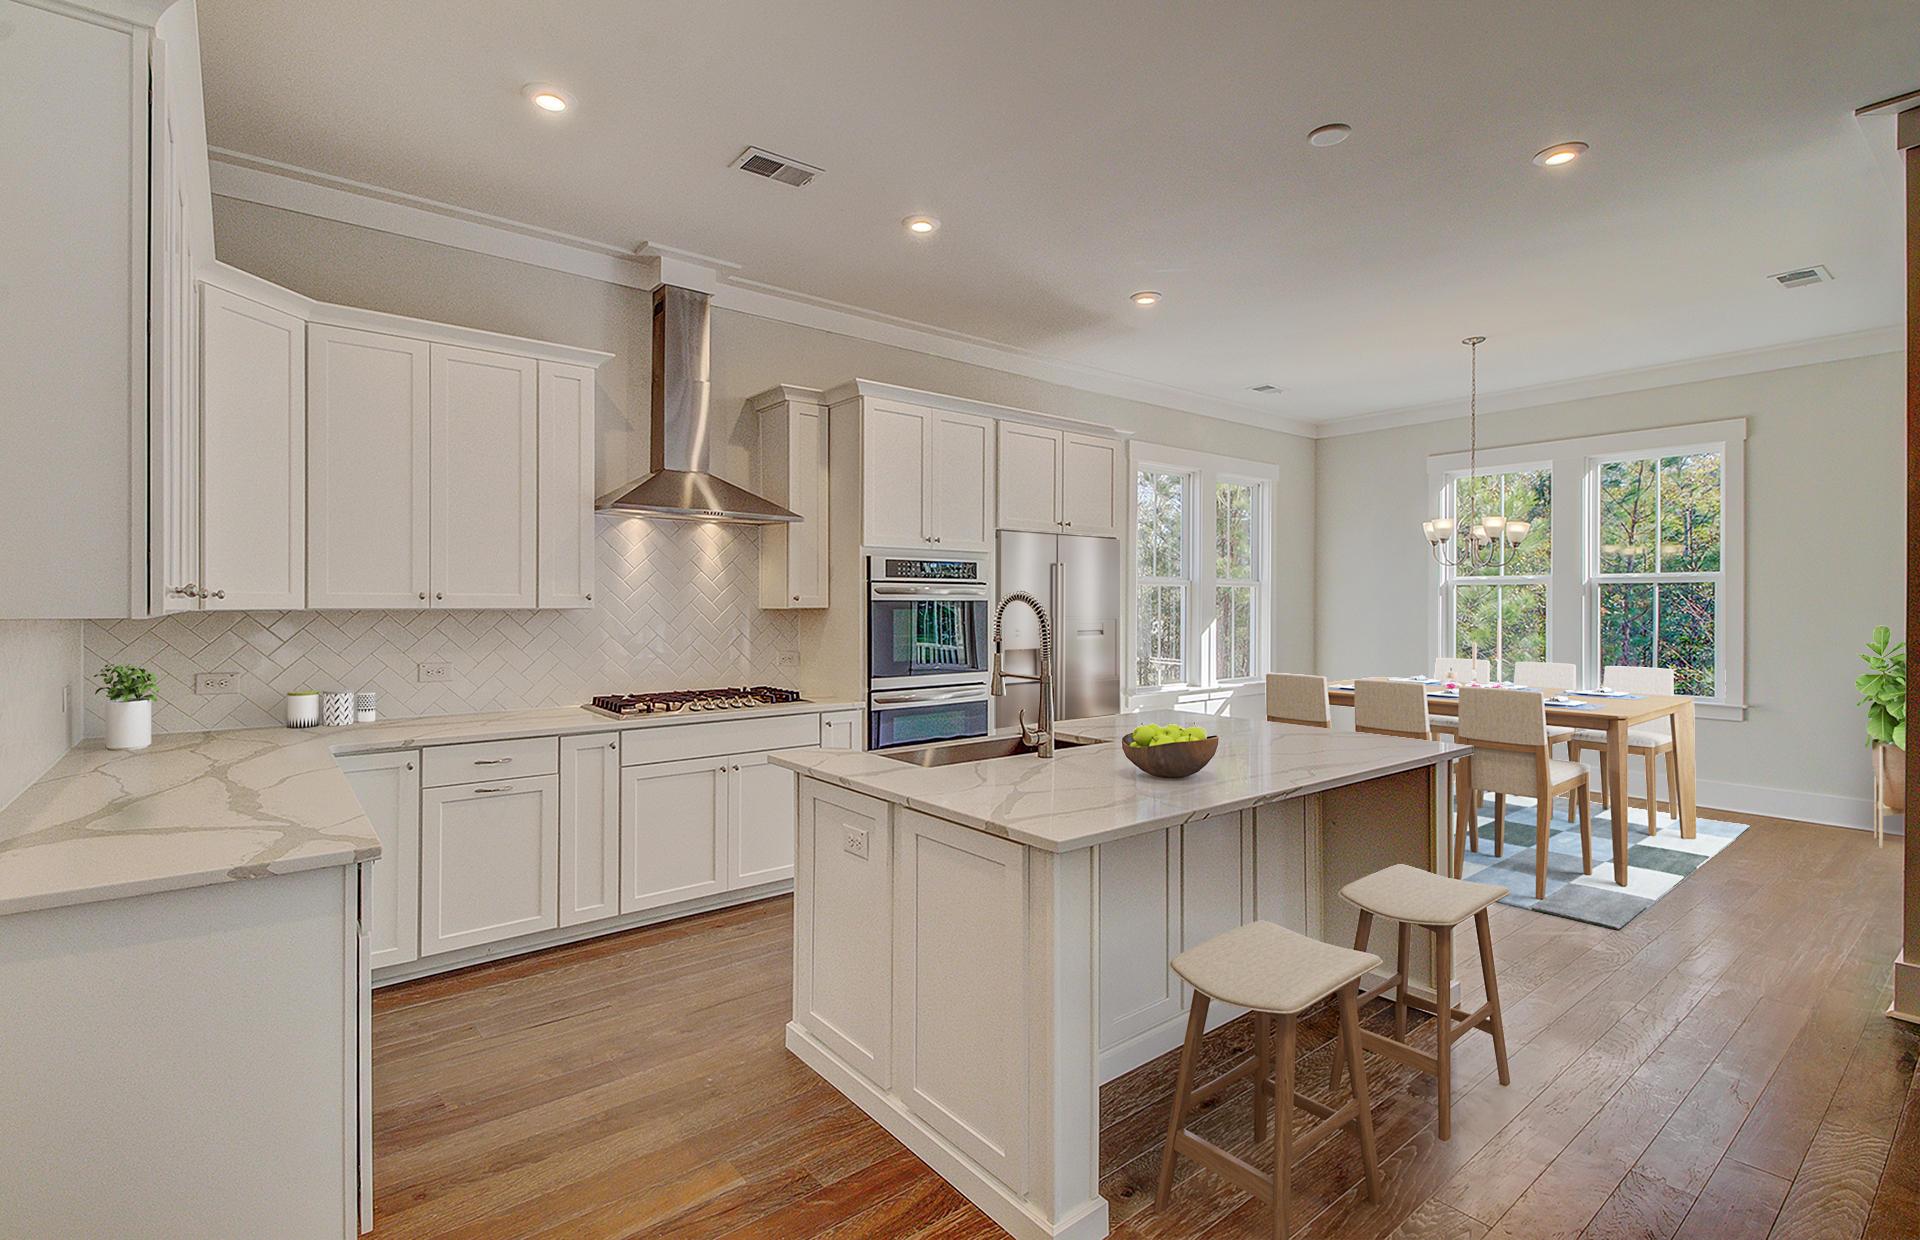 Fulton Park Homes For Sale - 2445 Giles, Mount Pleasant, SC - 20